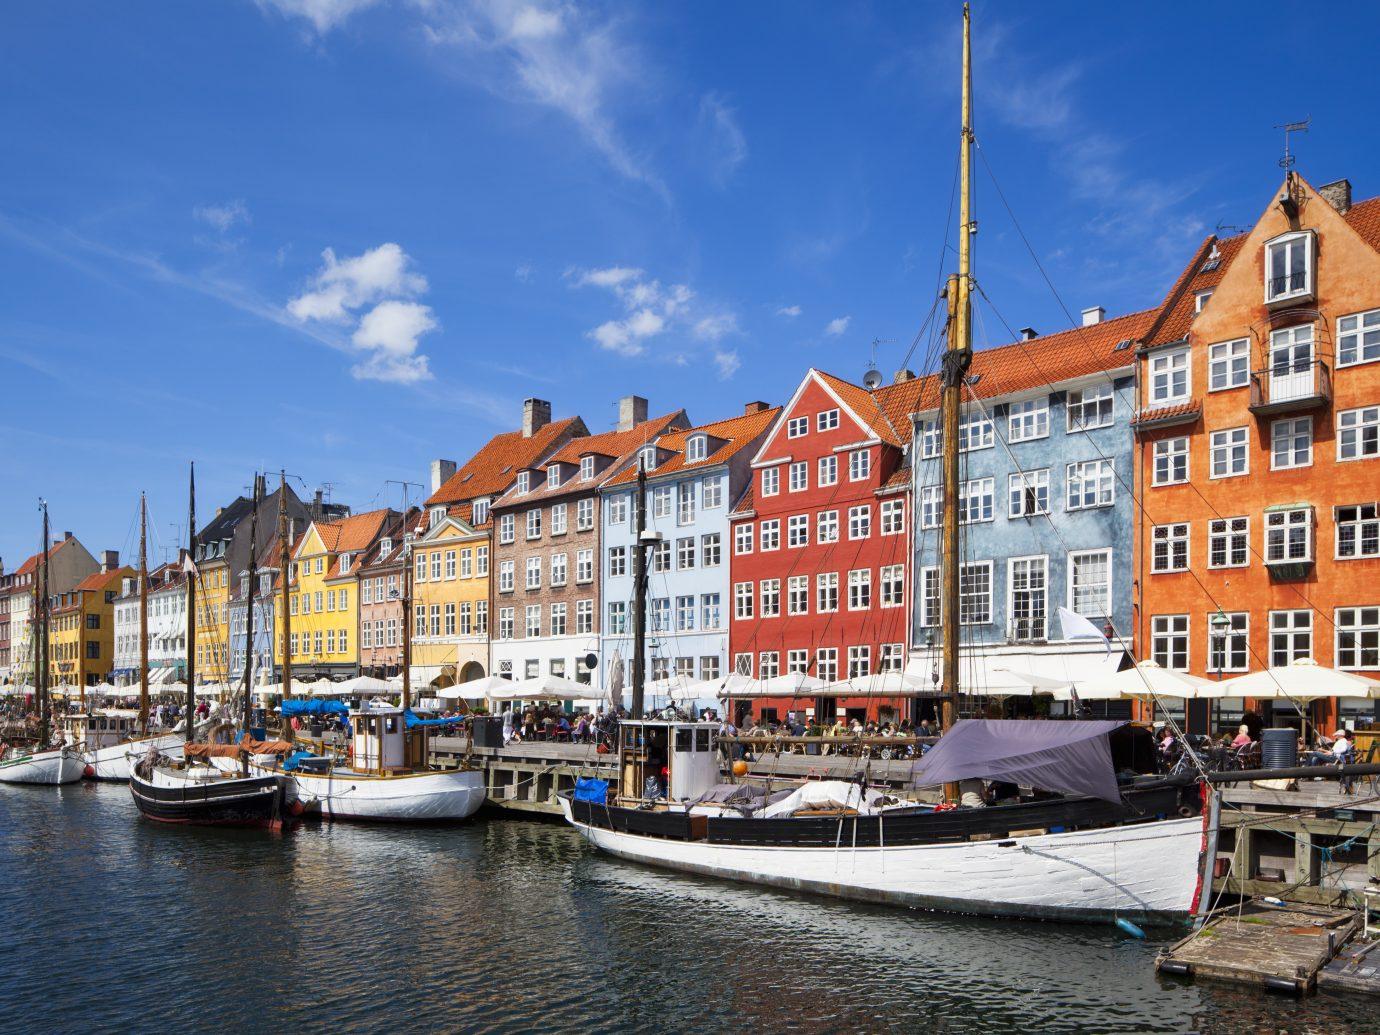 Nyhavn street in Denmark